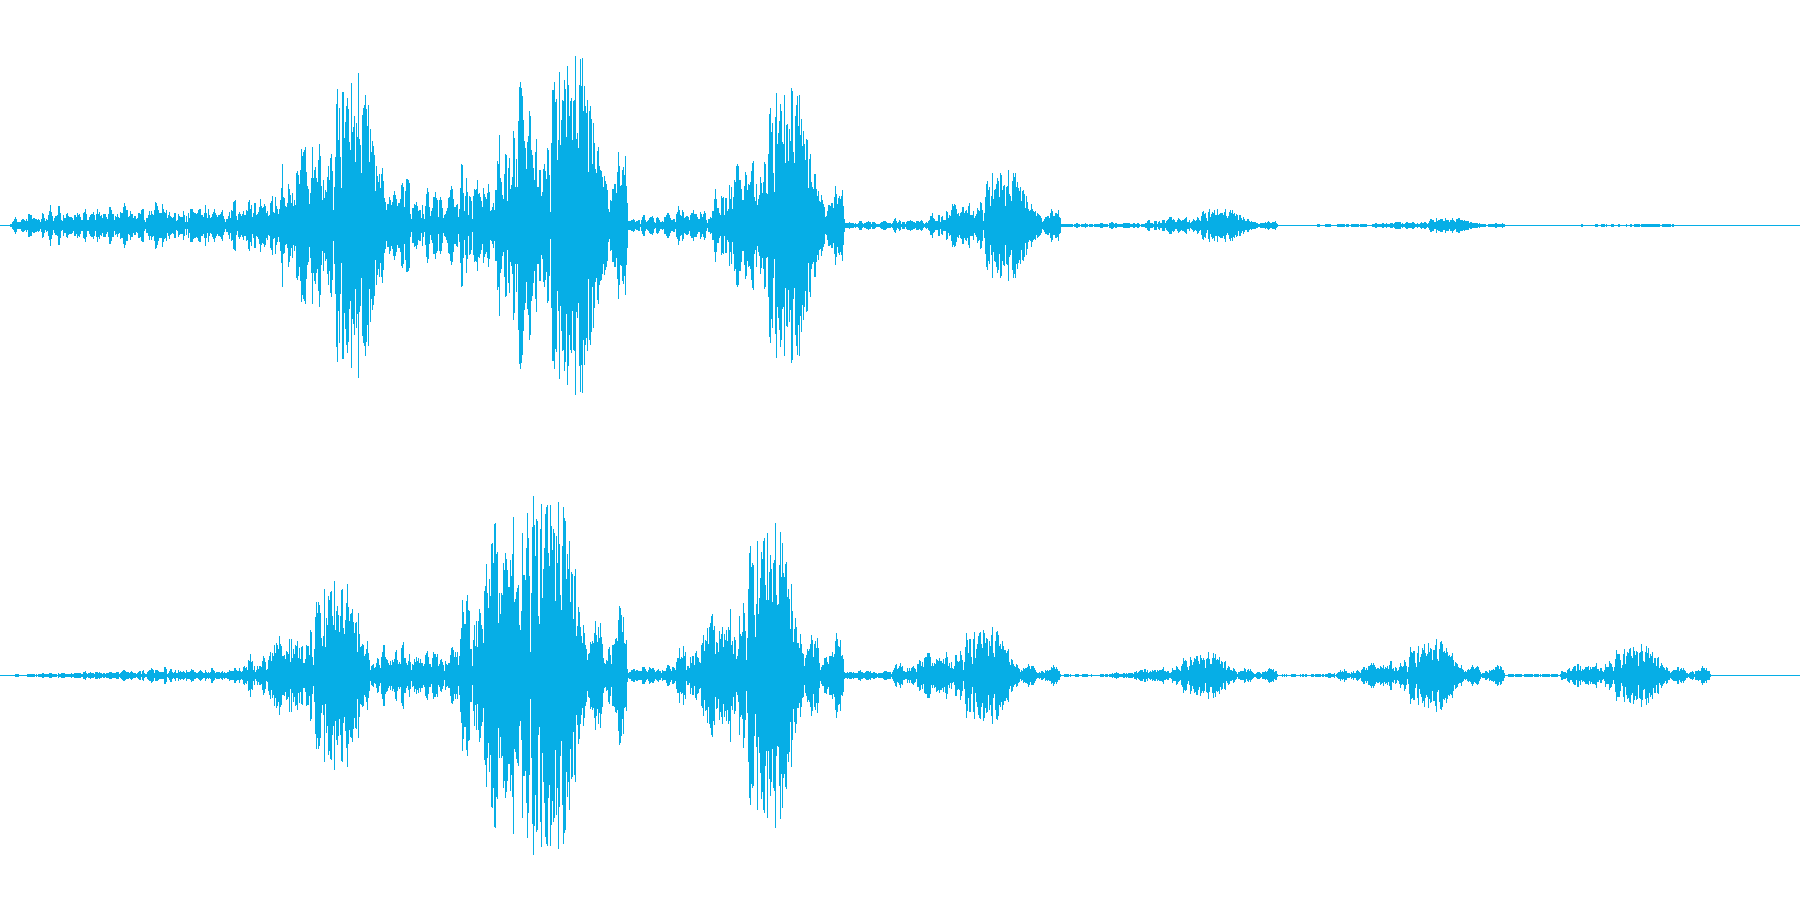 グーフワンフワン(通過音)の再生済みの波形